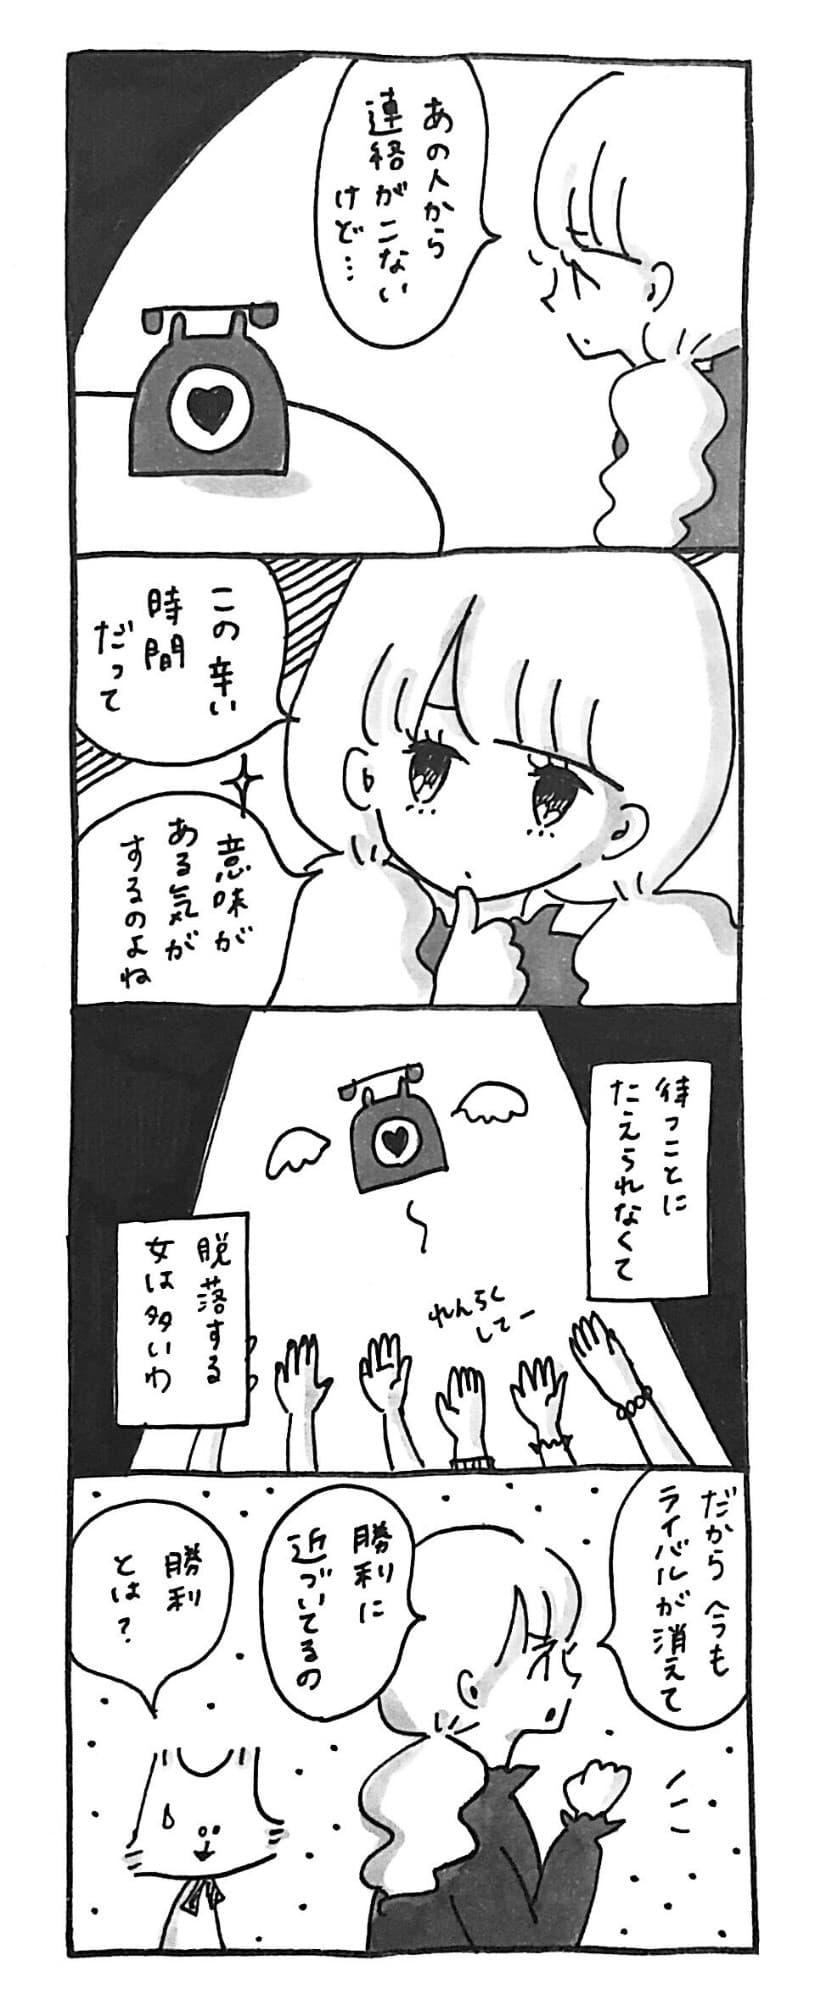 連絡まちこちゃんの画像